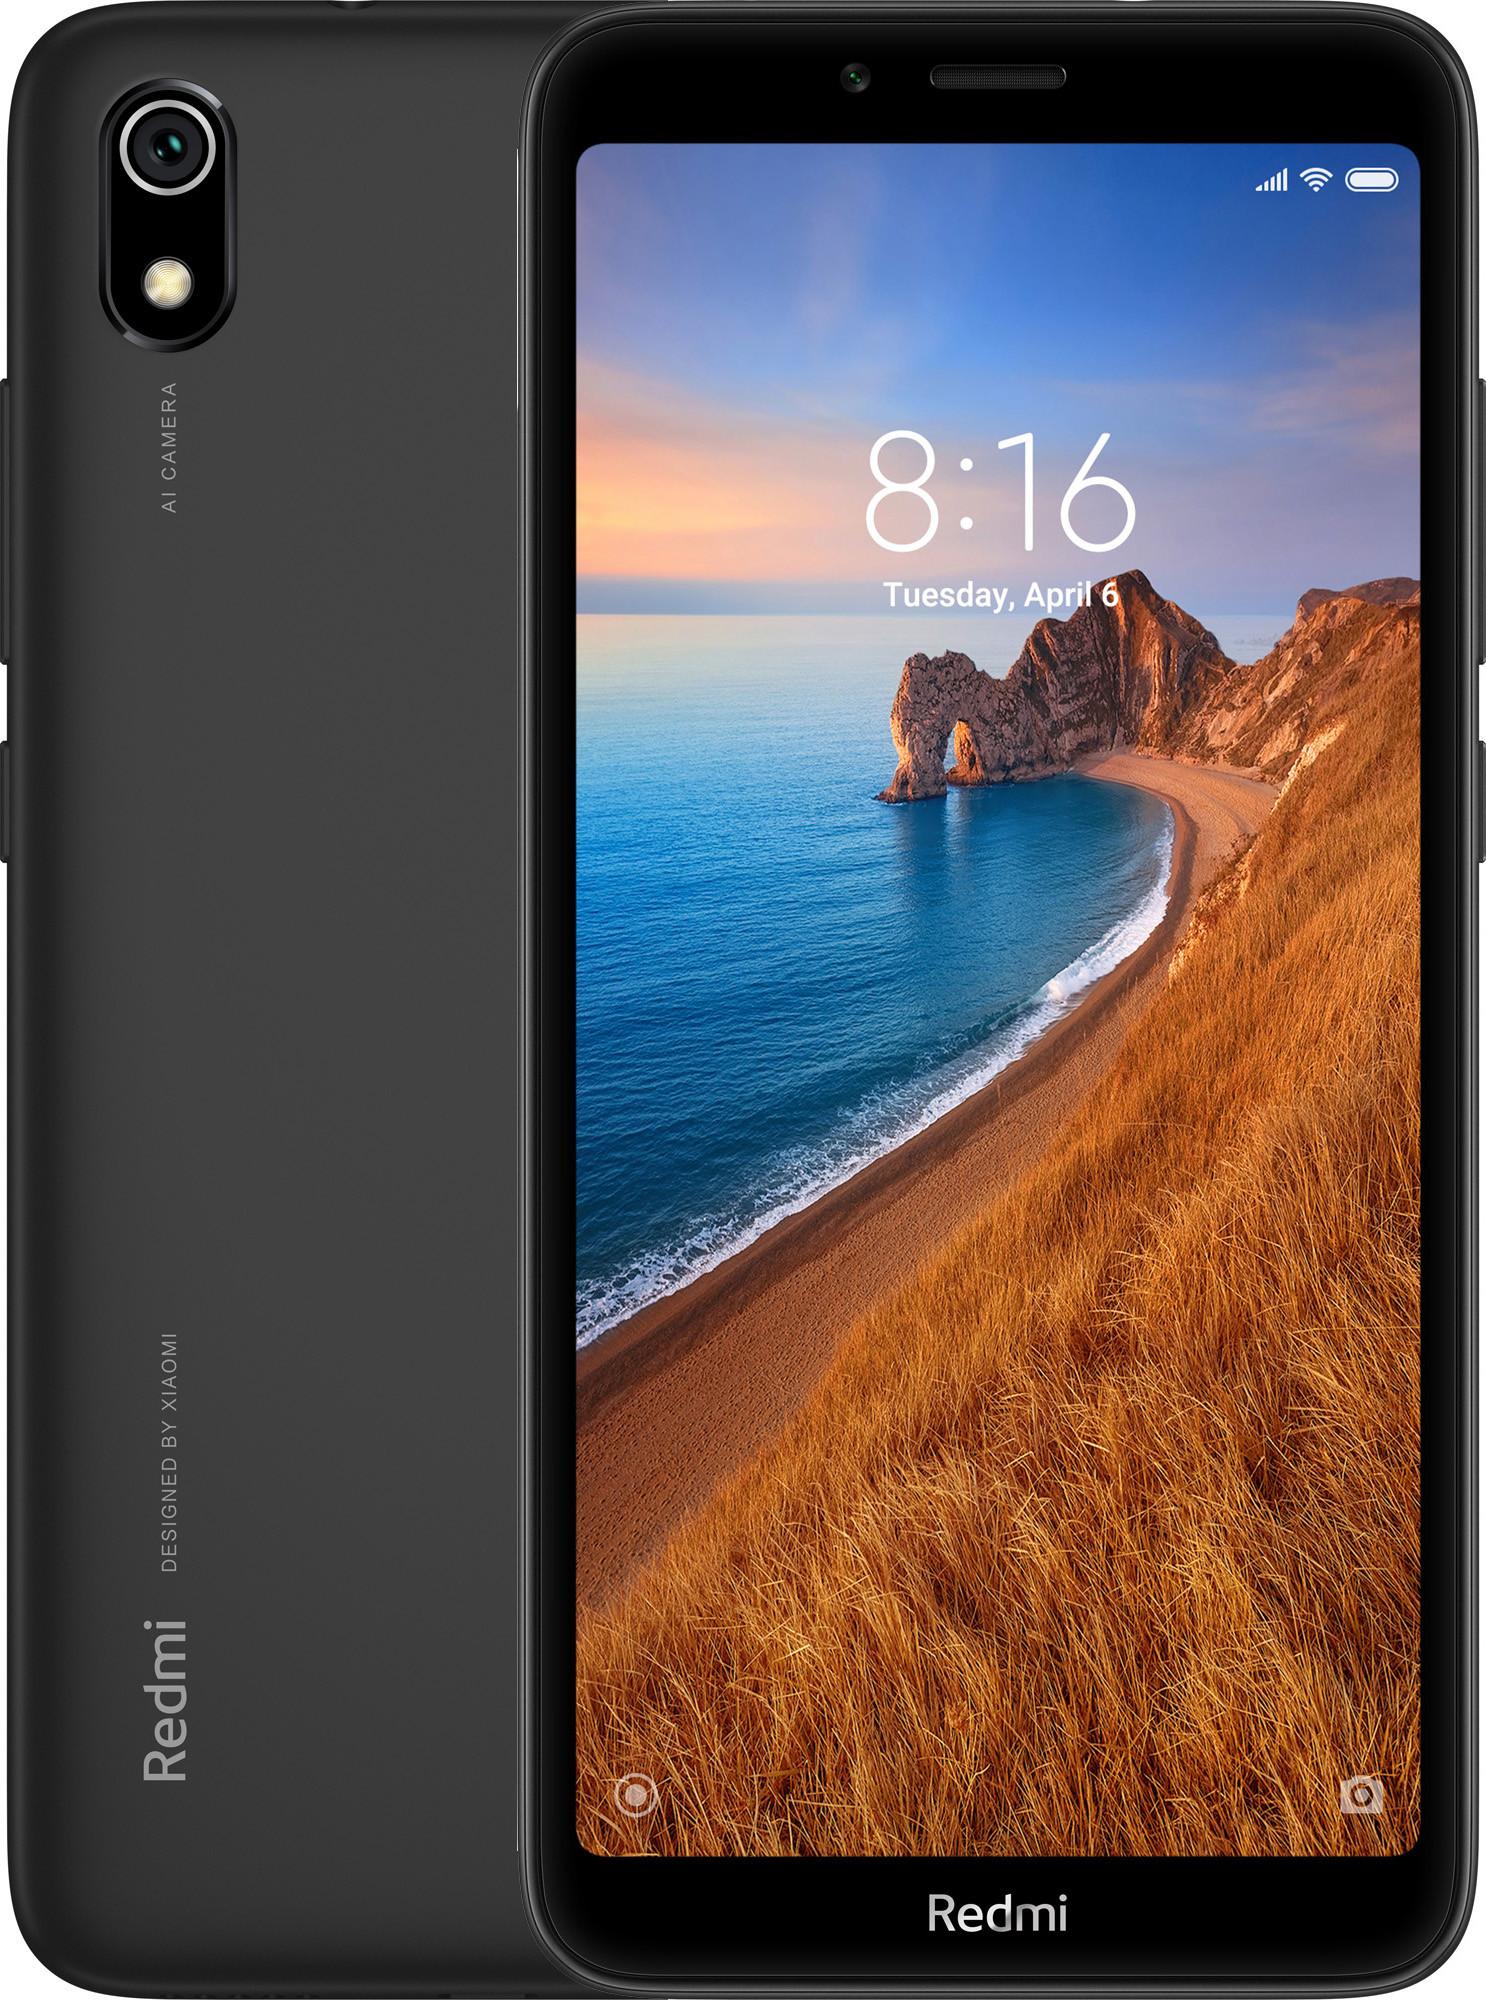 Xiaomi Redmi 7A Dual SIM - 16GB, 2GB RAM, 4G LTE, Matte Black Global Versia